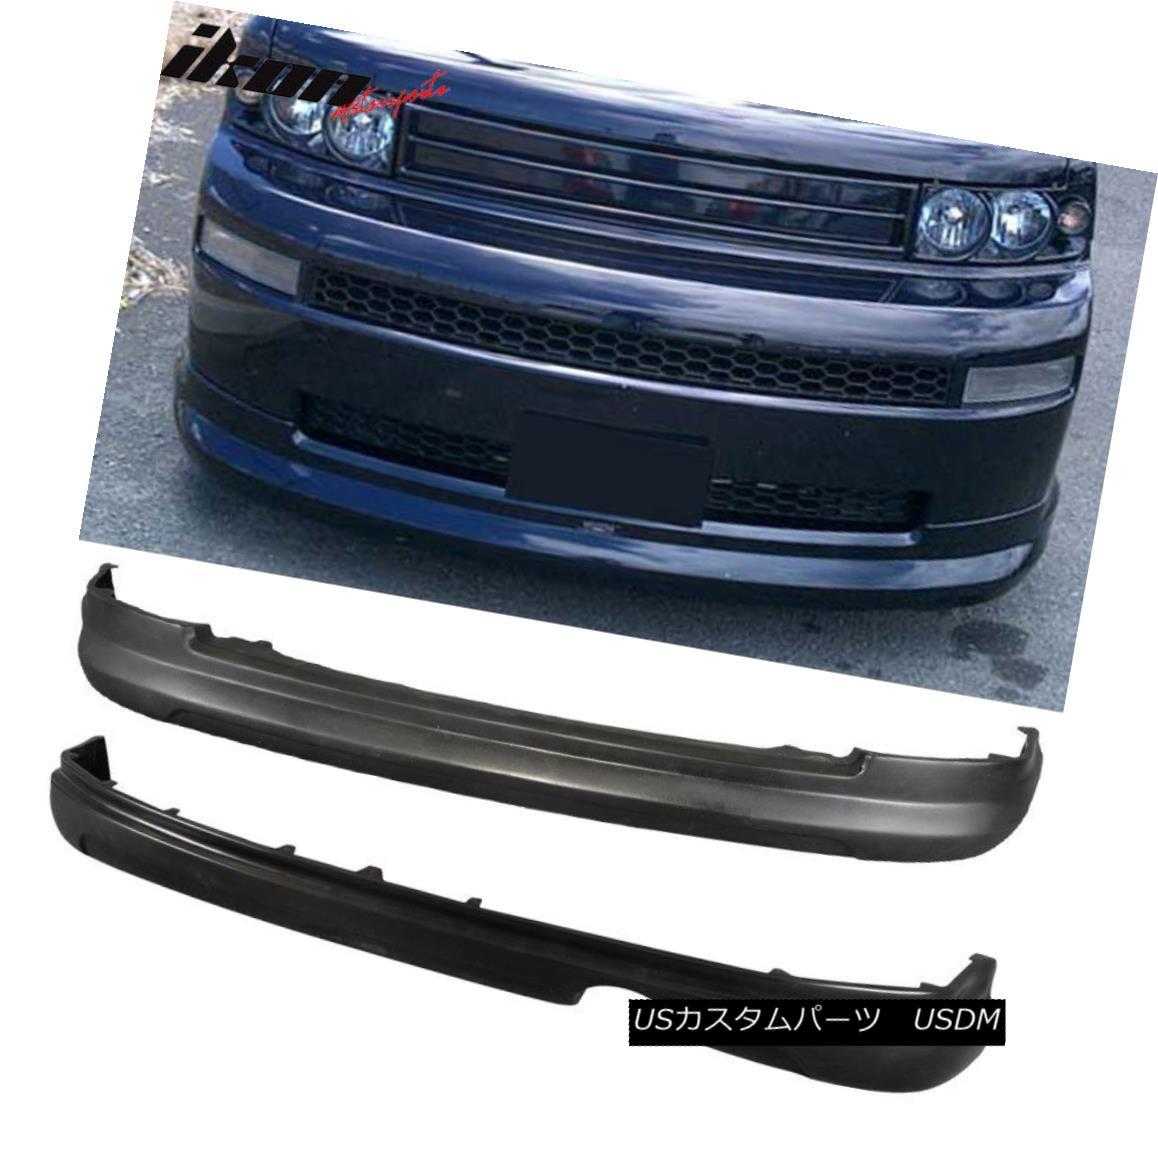 エアロパーツ Fits 03-07 Scion xB Front+ Rear Bumper Lip Diffuser Spoiler PU K-Style Uretahne フィット03-07シオンxBフロント+リアバンパーリップディフューザースポイラーPU Kスタイルウレターン